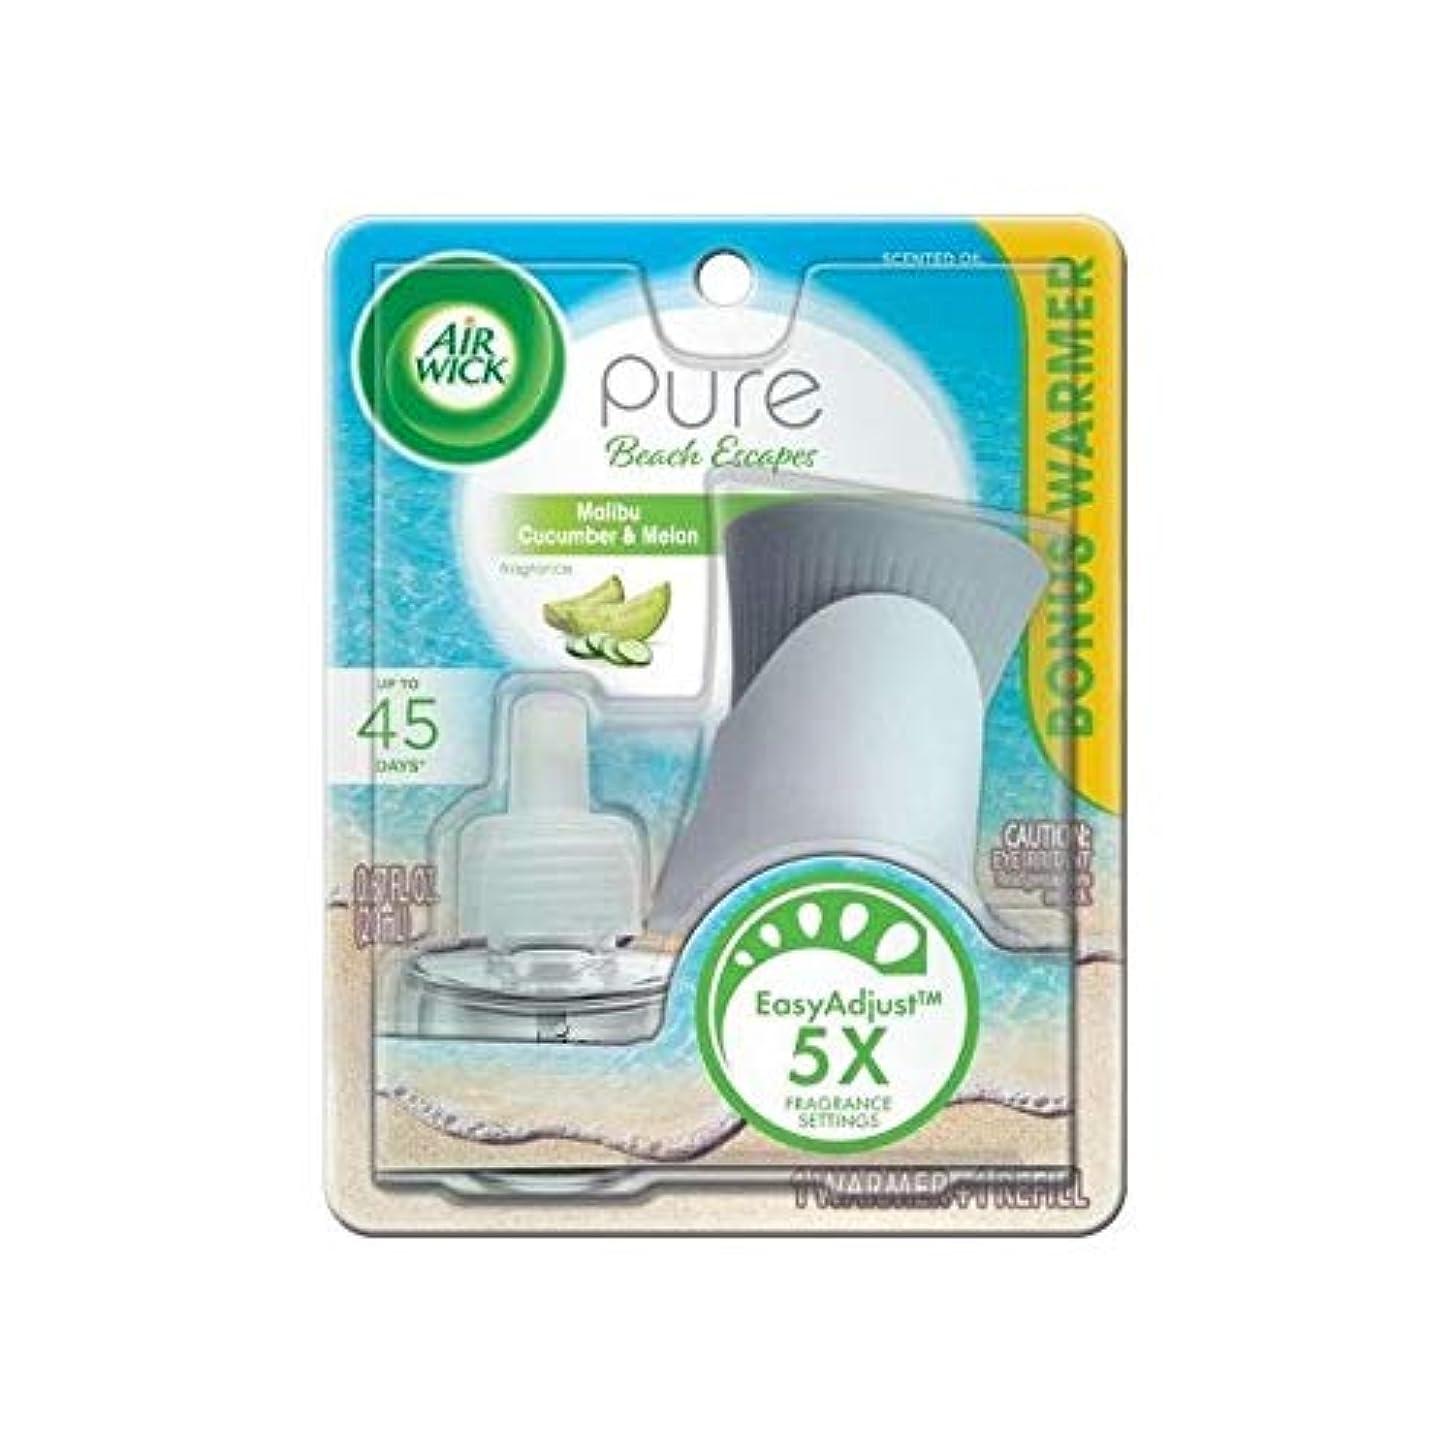 一般化する機構端末【Air Wick/エアーウィック】 プラグインスターターセット オイルウォーマー本体+詰替えリフィル1個 マリブ キューカンバー&メロン Air Wick Pure Beach Escapes Malibu Cucumber & Melon Scented Oil Starter Kit [並行輸入品]